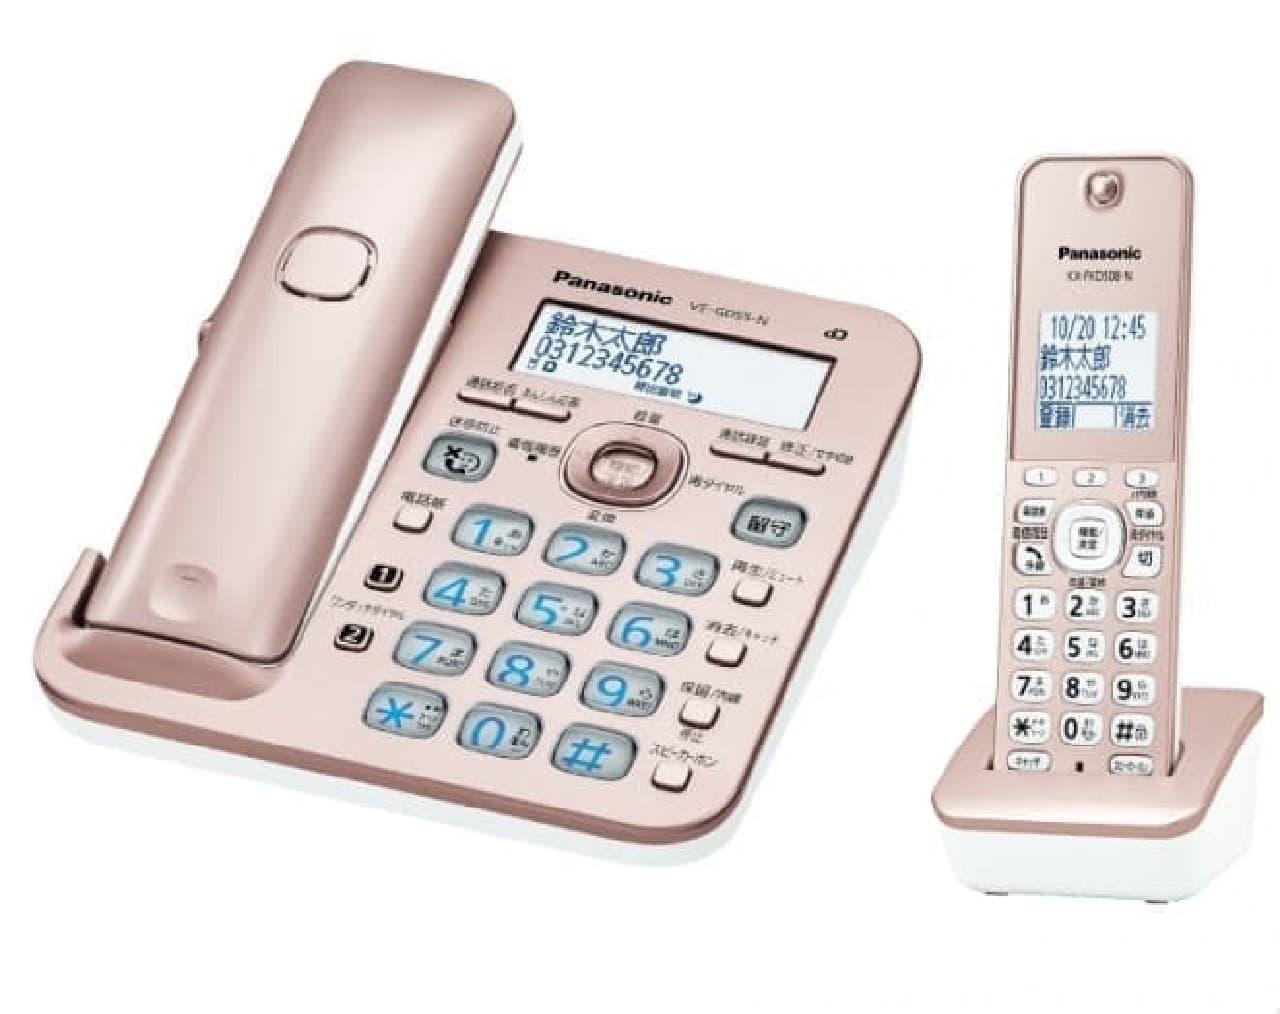 コードレス電話機「VE-GD55」